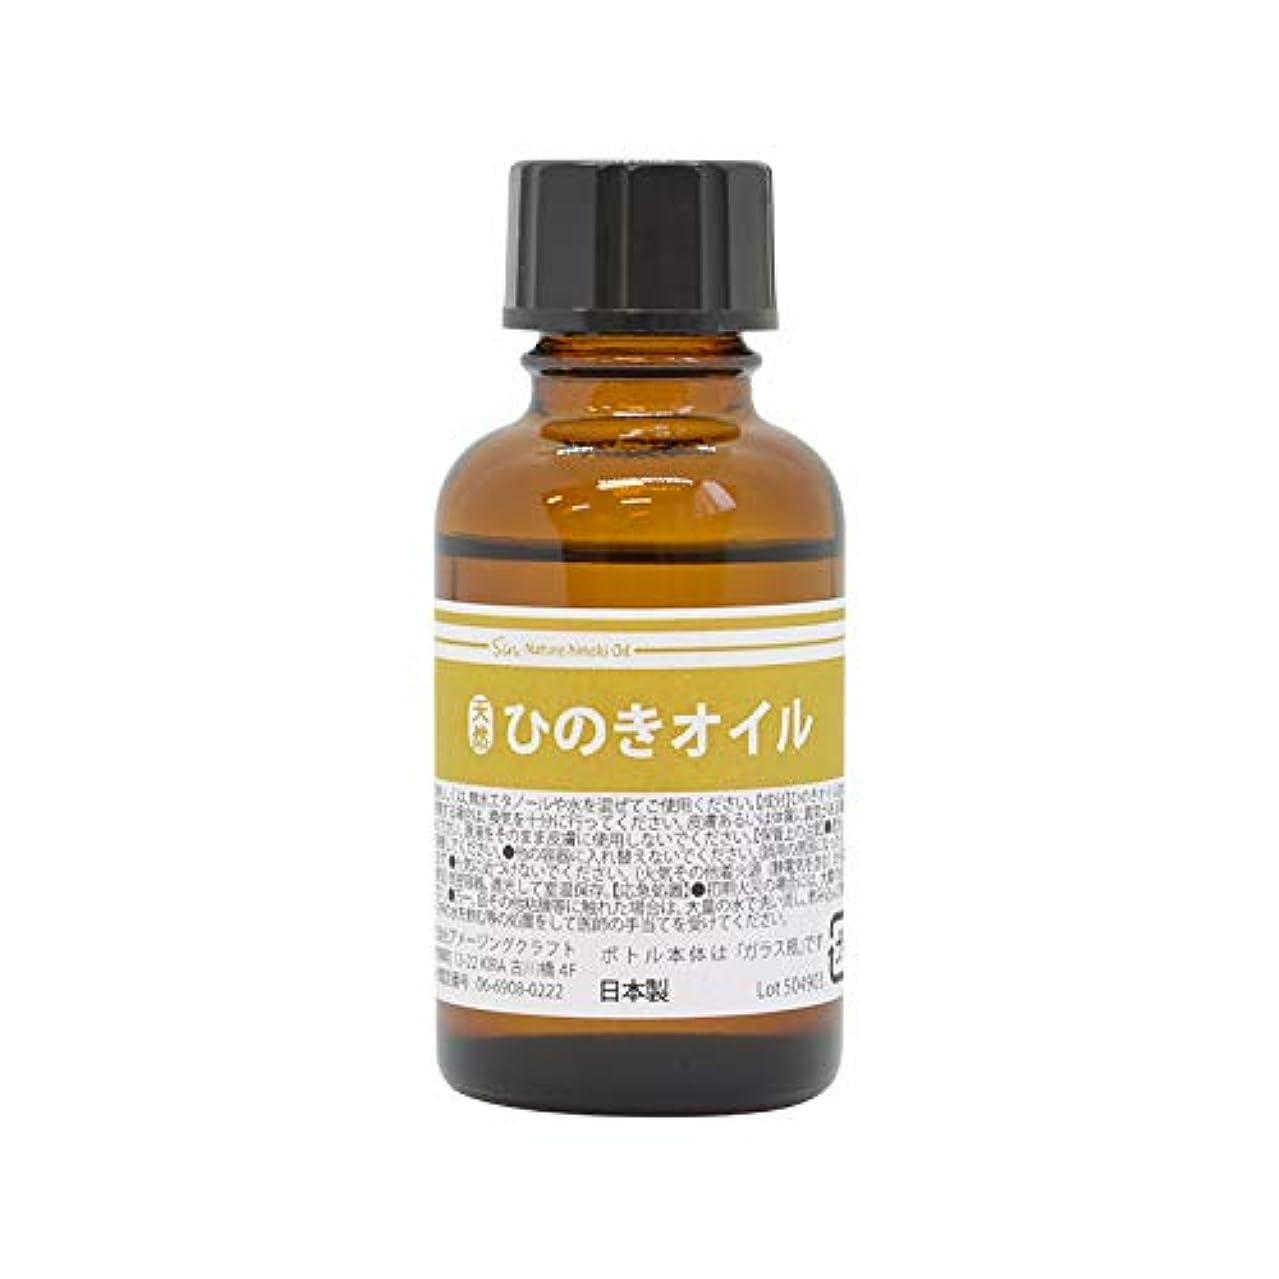 しなやかな鉄ビタミン天然100% 国産 ひのき オイル 30ml アロマオイル ヒノキオイル